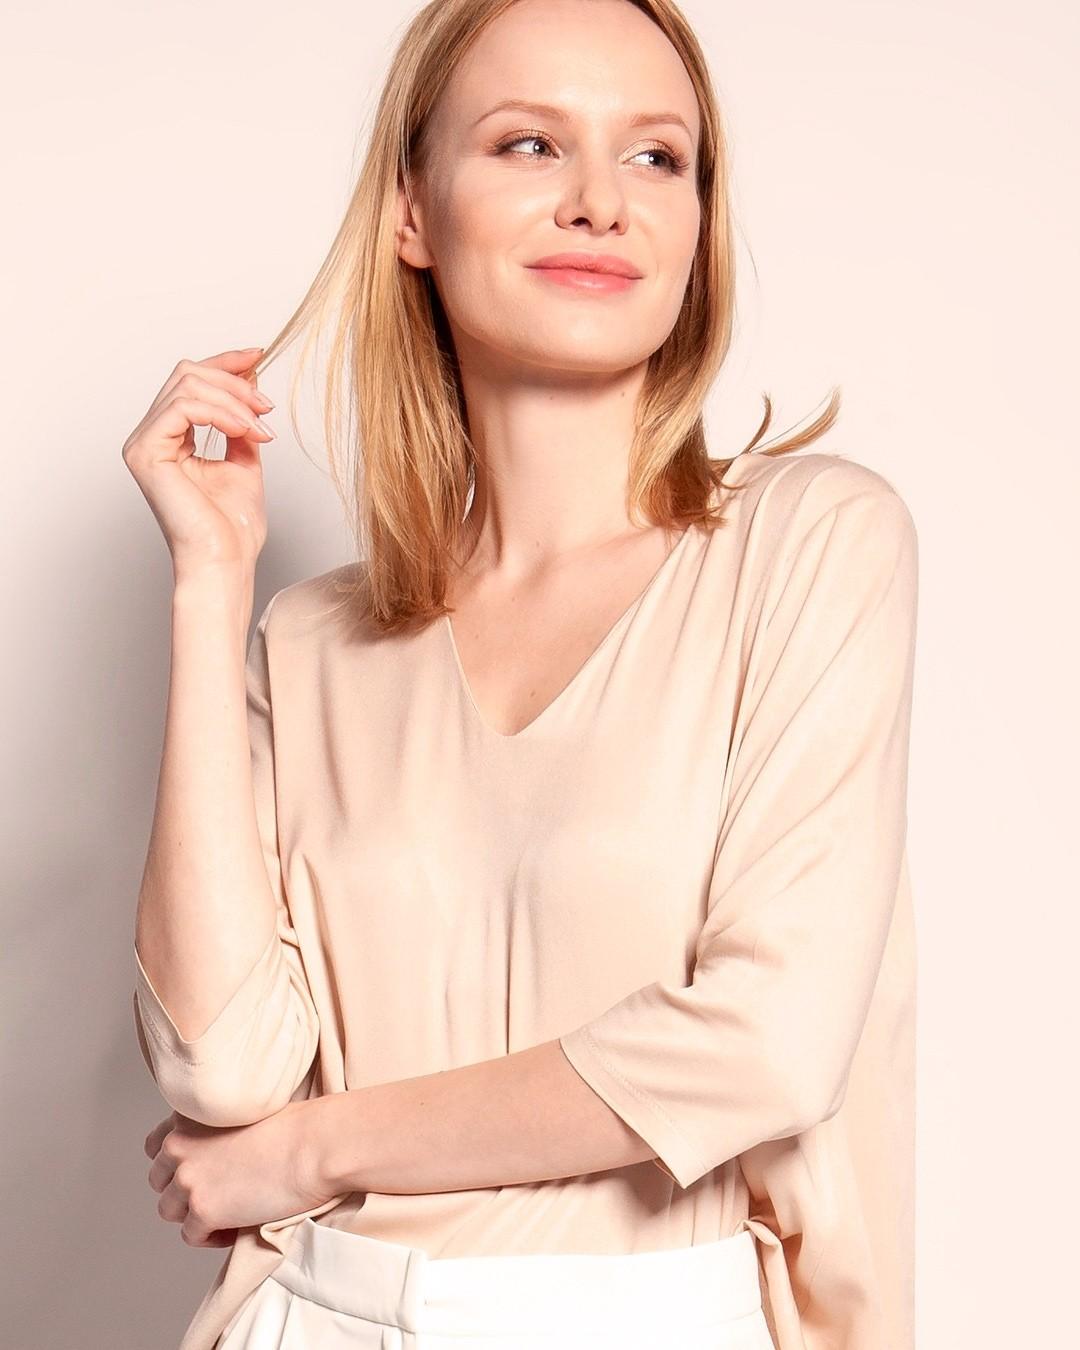 Lekka wiskoza w wydaniu oversize to pewny sposób na upały. Twoje ciało Ci podziękuje. #viscose #wiskoza #top #bluzka #bluzkanalato #lekkitop #lato2021 #naupały #bluzkazwiskozy #lekkość #oddech #wserek #trendylook #fashionoutfit #beige #aesthetic #blonde #blondehair #blondynka #lato #polskamarka #polskieubrania #jakość #qualityfashion #lightandairy 1890